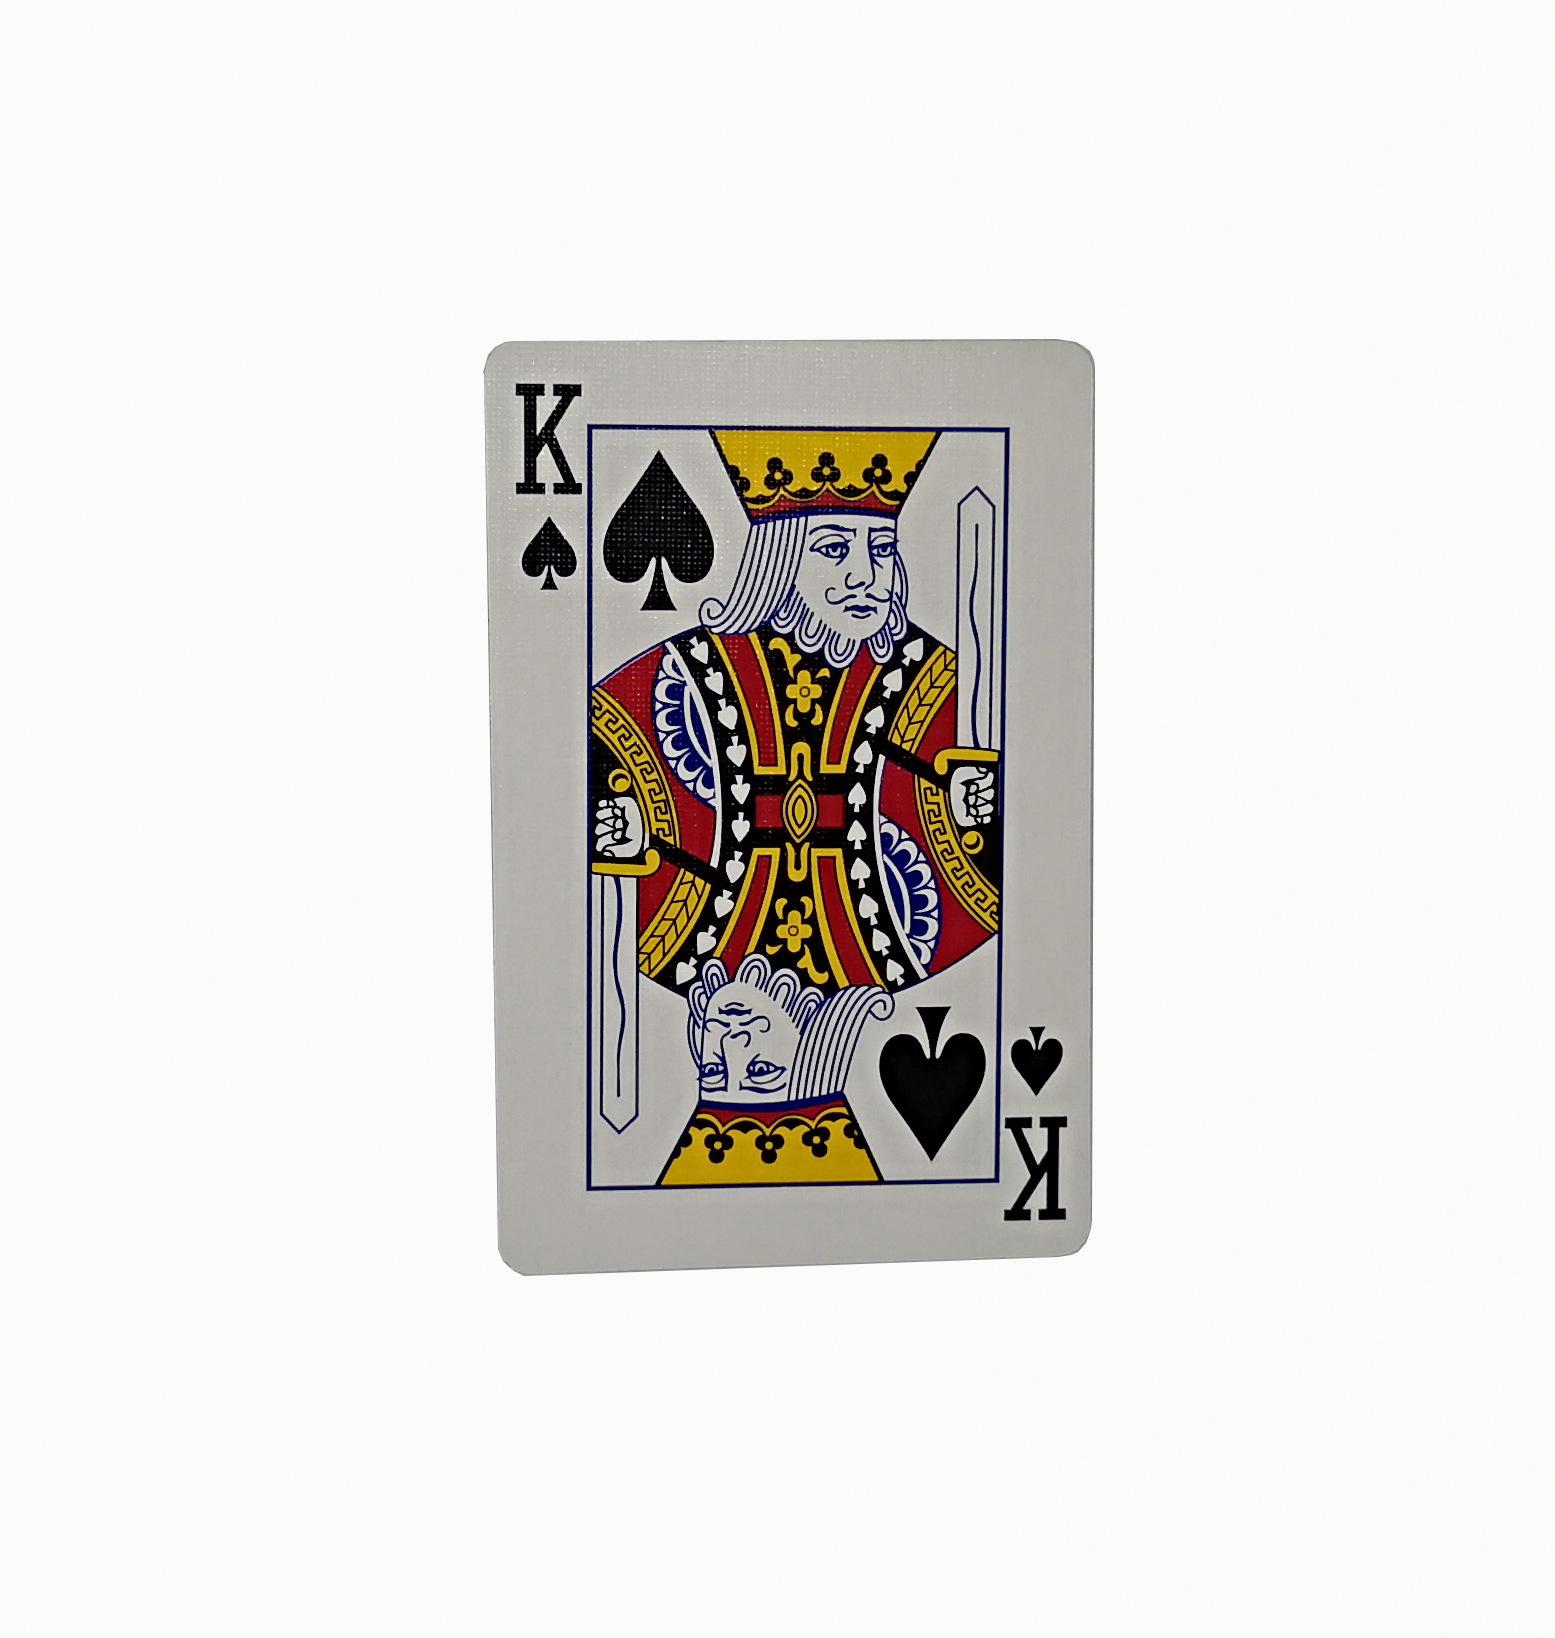 ,高档扑克,游戏卡片,,扑克牌,武义扑克,扑克批发示例图4